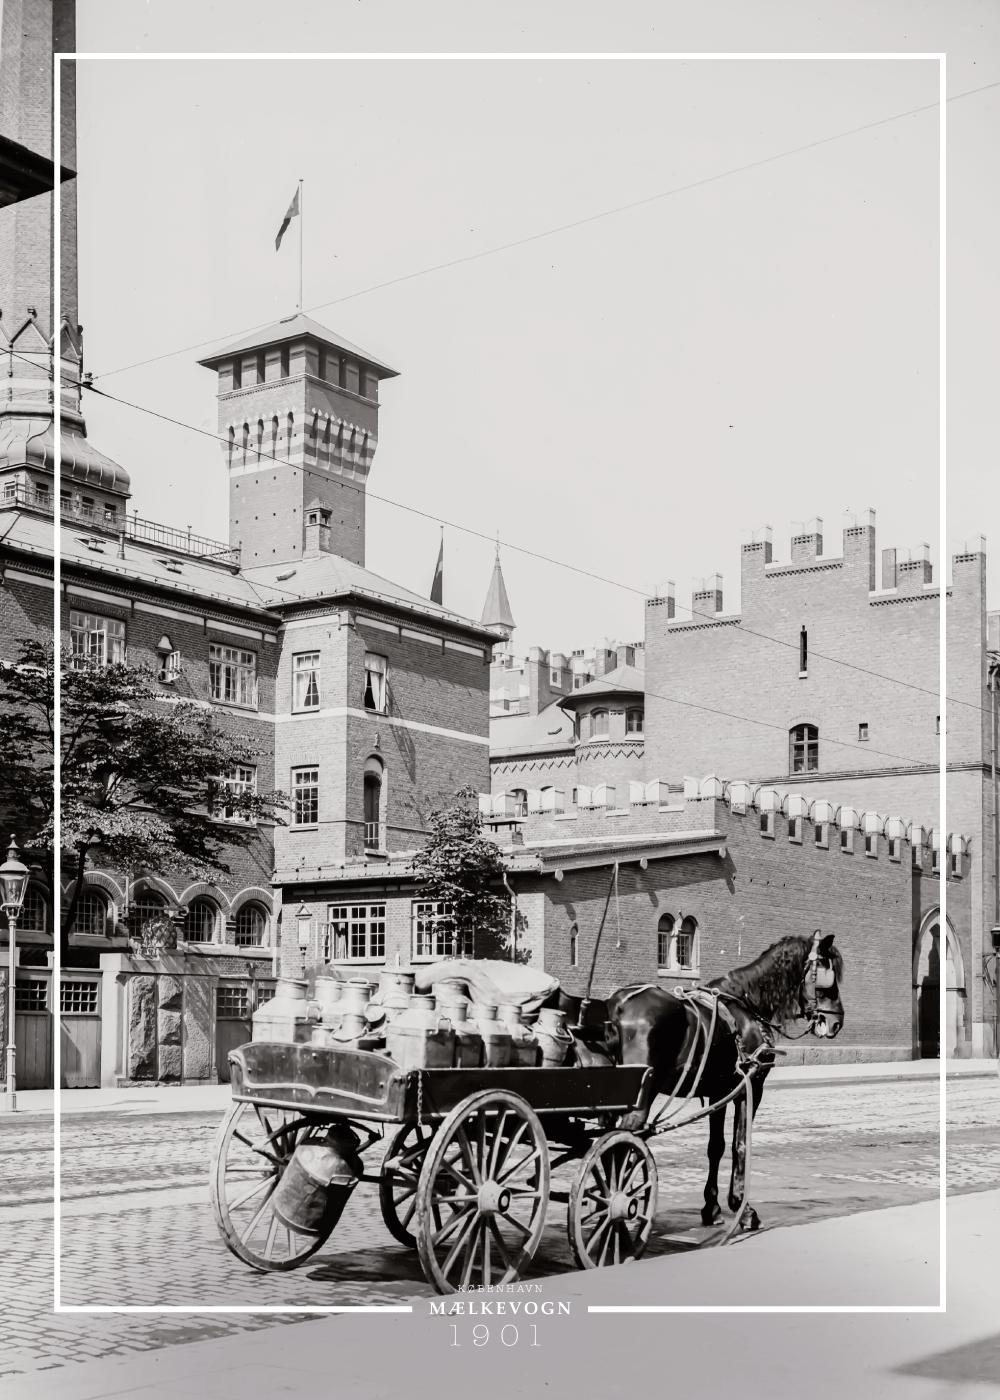 Billede af Mælkevogn - Gamle billeder af København plakat